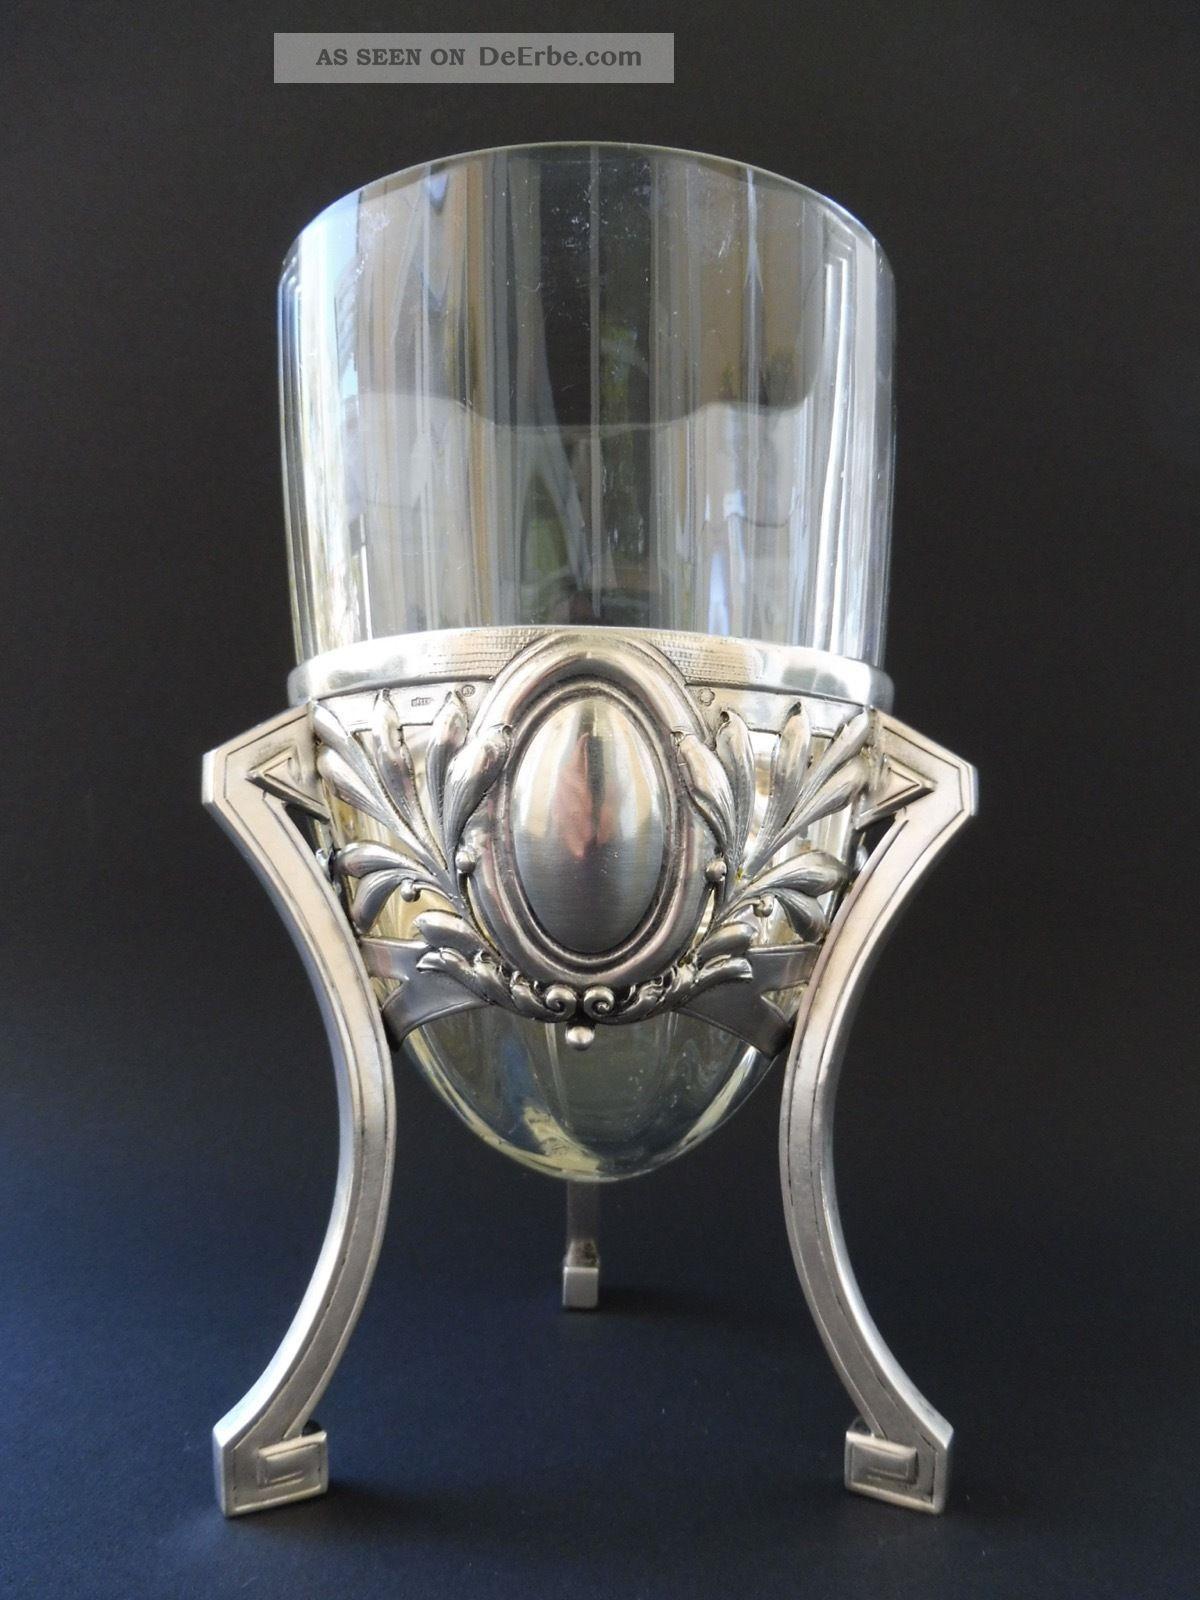 :: Jugendstil 800 Silber JÄger Wien Traube WÄscher Grape Vase Floral Art Nouveau Objekte vor 1945 Bild